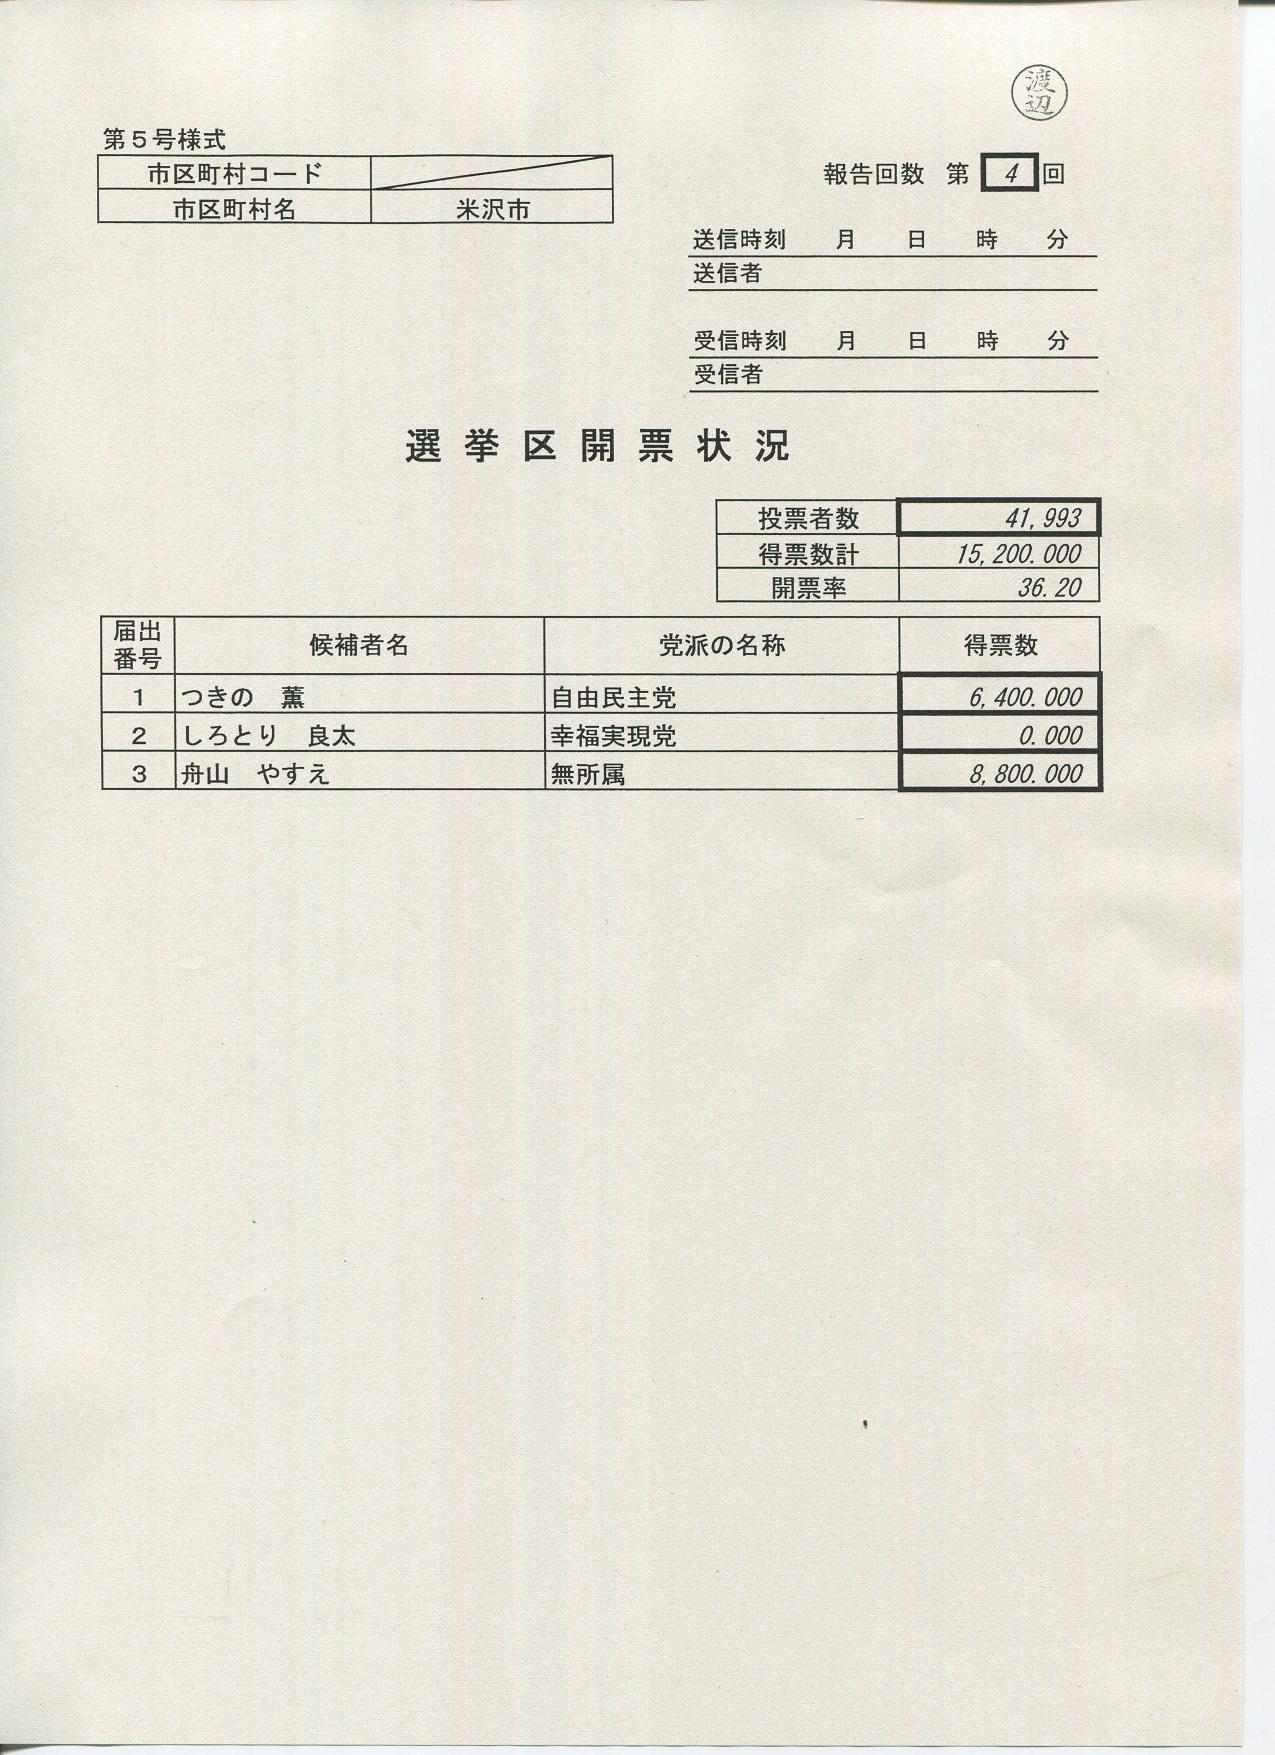 【平成28年7月10日執行参議院山形県選出議員通常選挙 選挙結果】